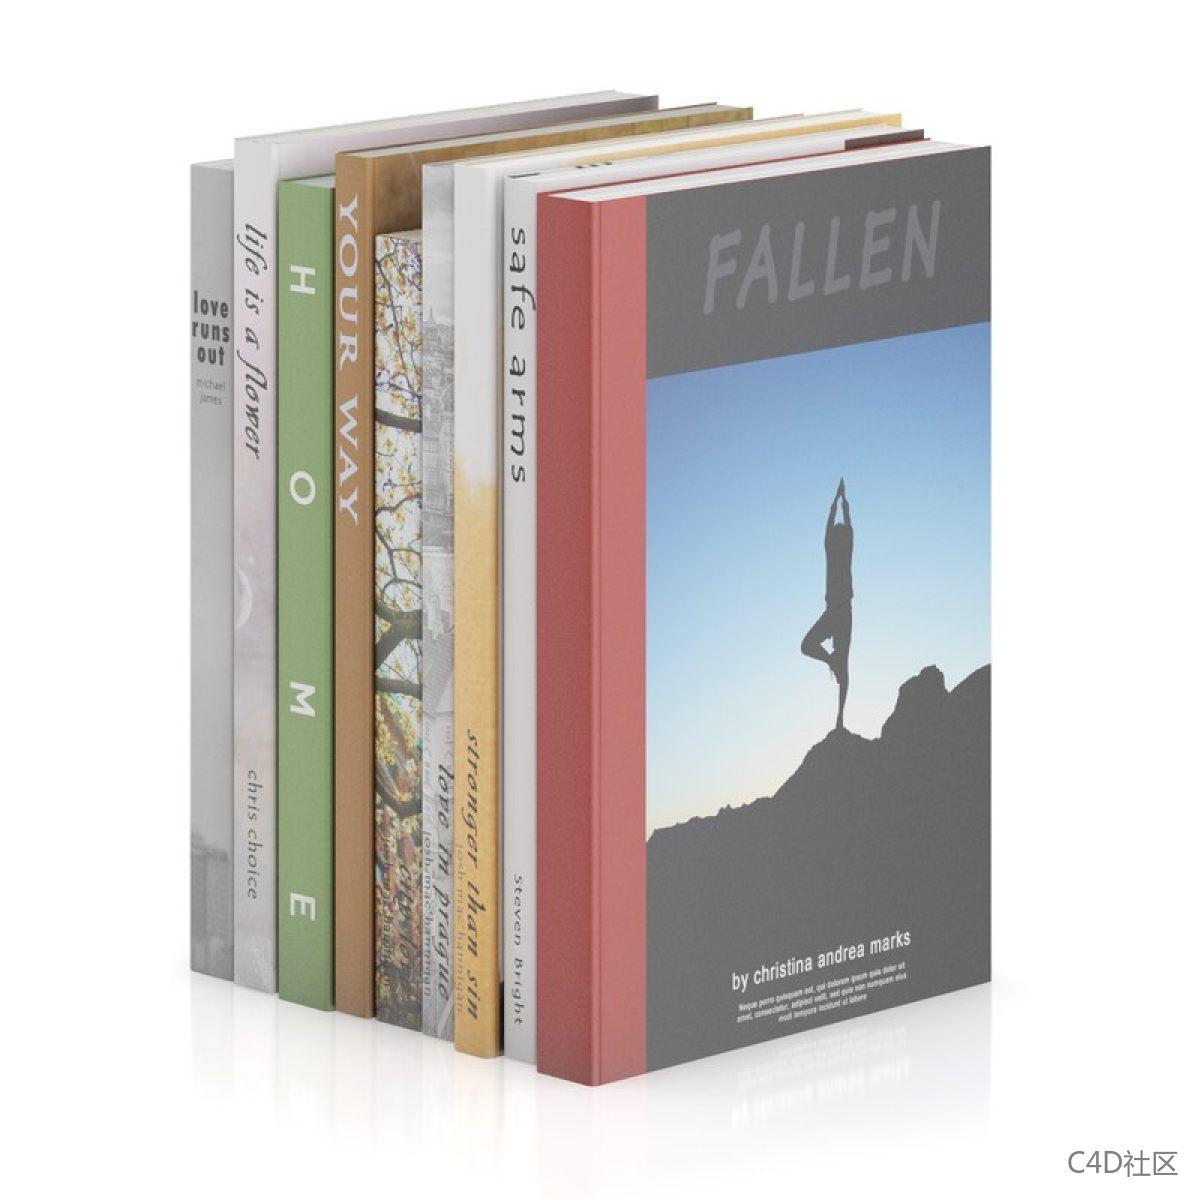 书籍模型-九本厚薄不一错落无序的书籍